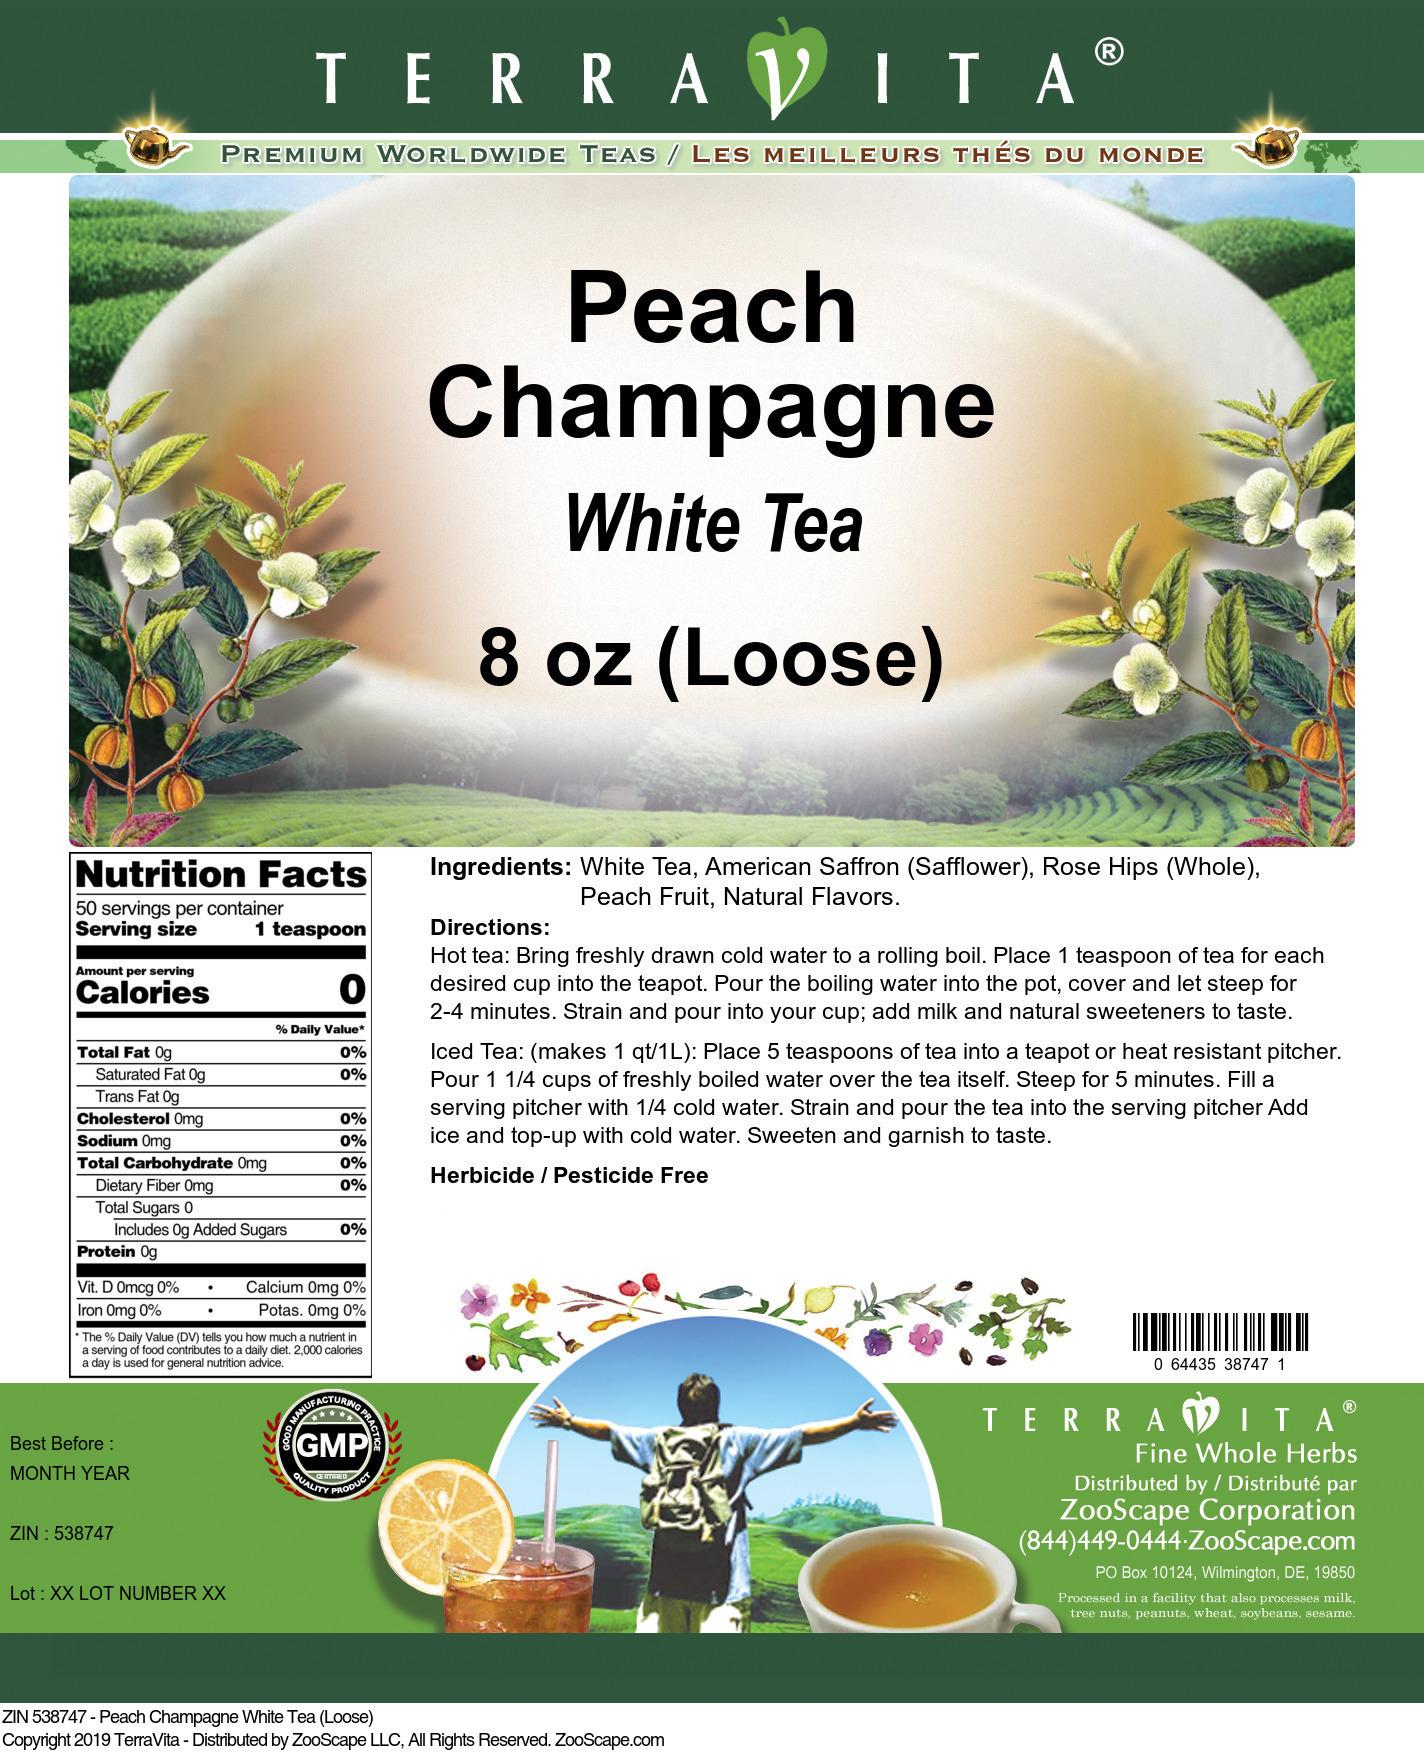 Peach Champagne White Tea (Loose)